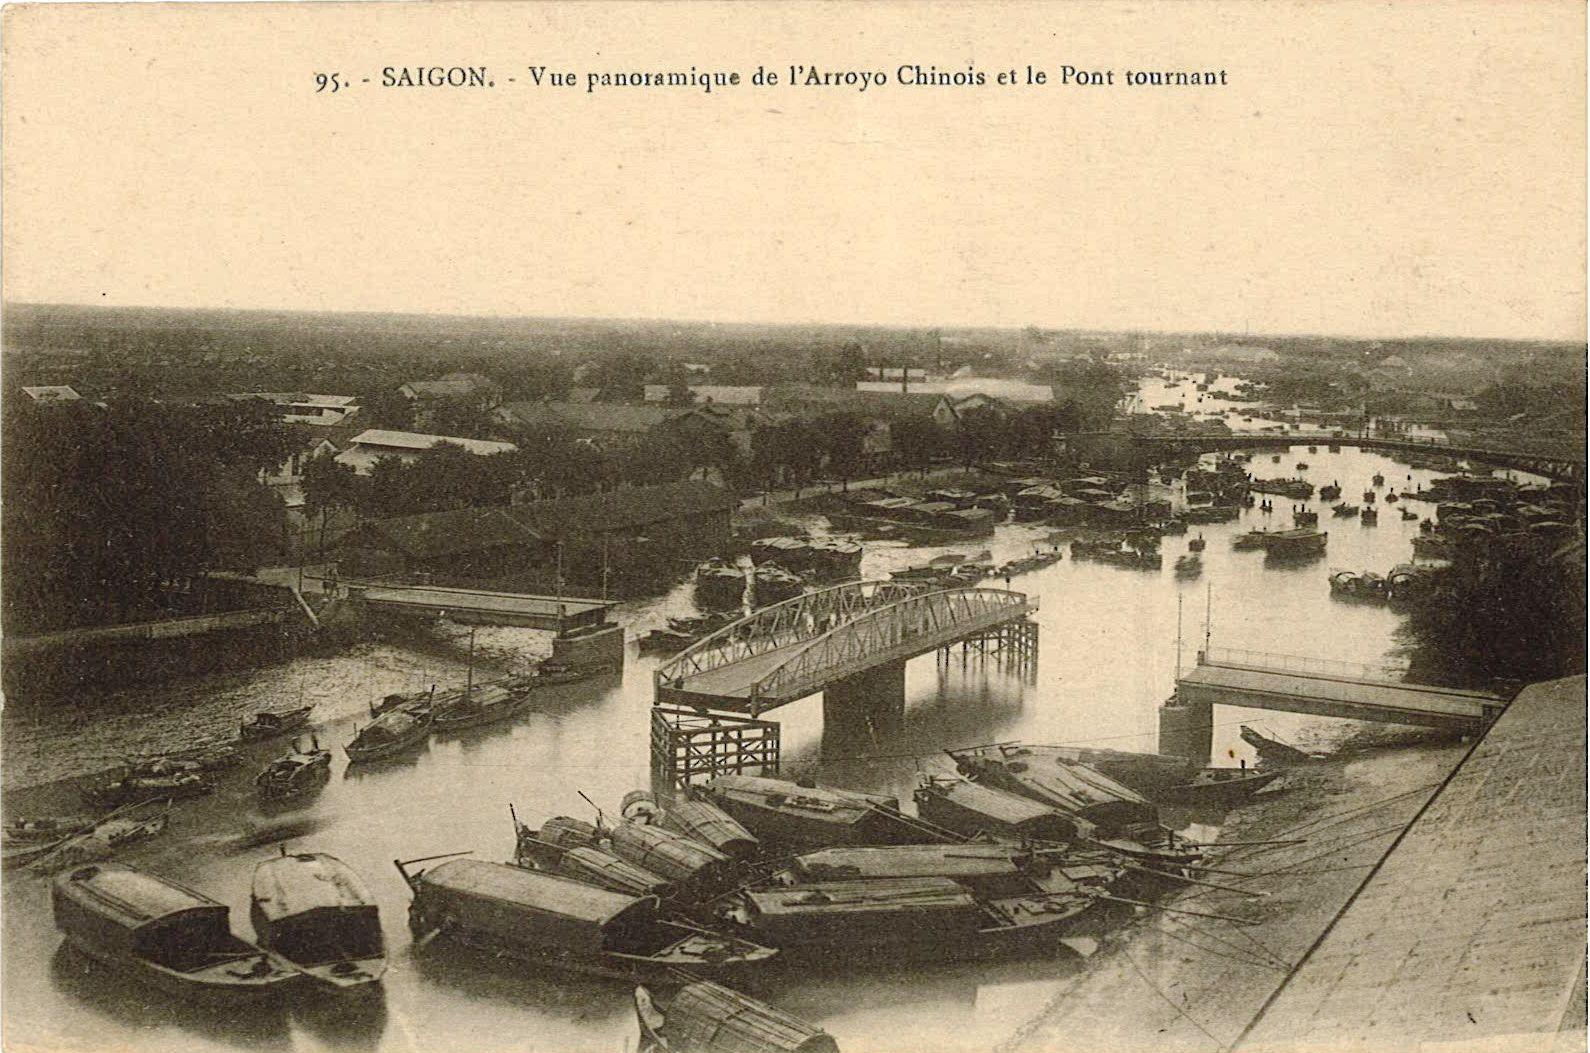 Sài Gòn - Toàn Cảnh Kênh Tàu và cầu quây